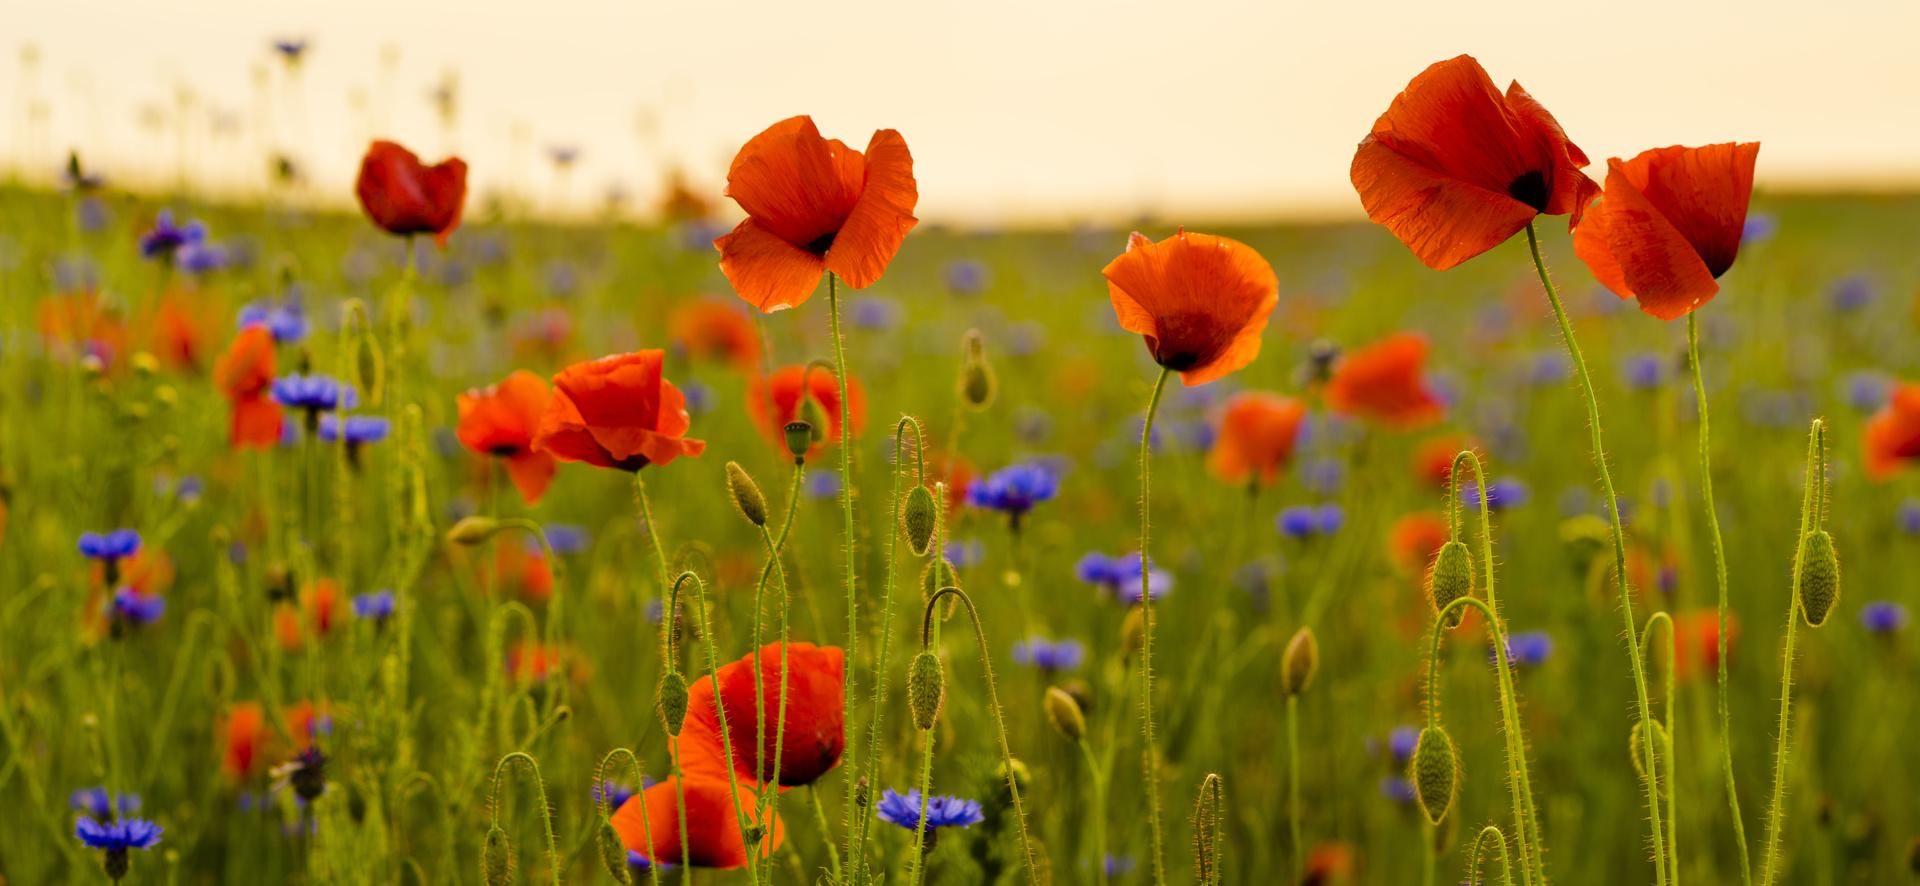 Fototapeta pole květiny, máky, chrpy, zeleň